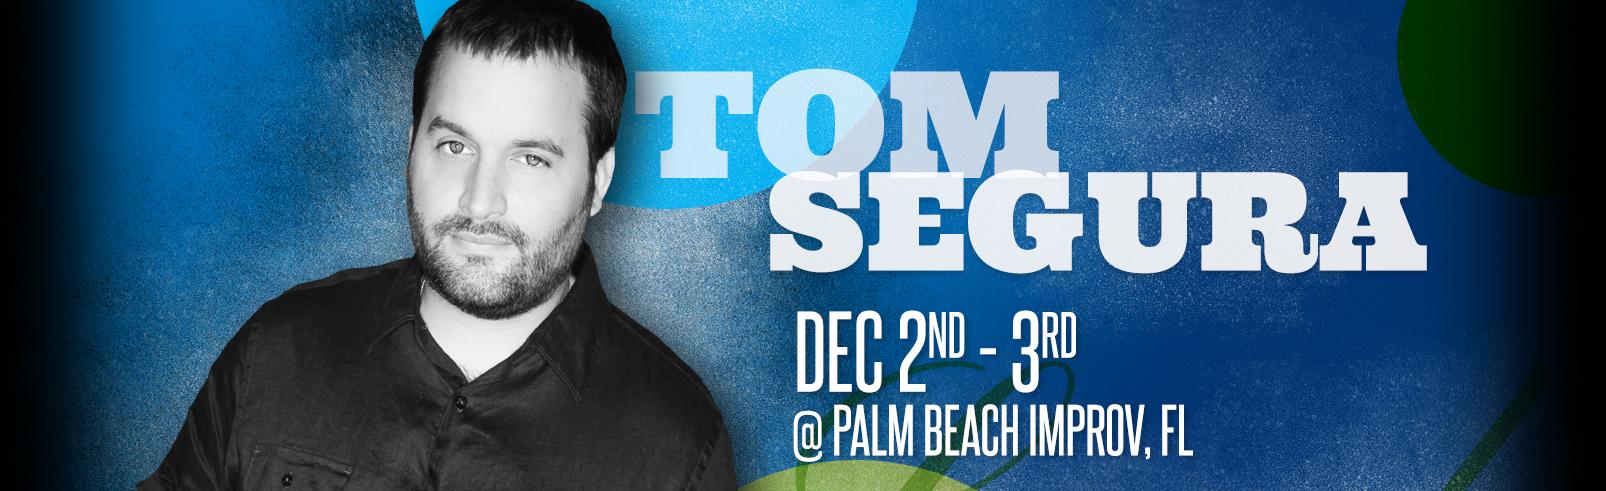 Tom Segura @ Palm Beach Improv